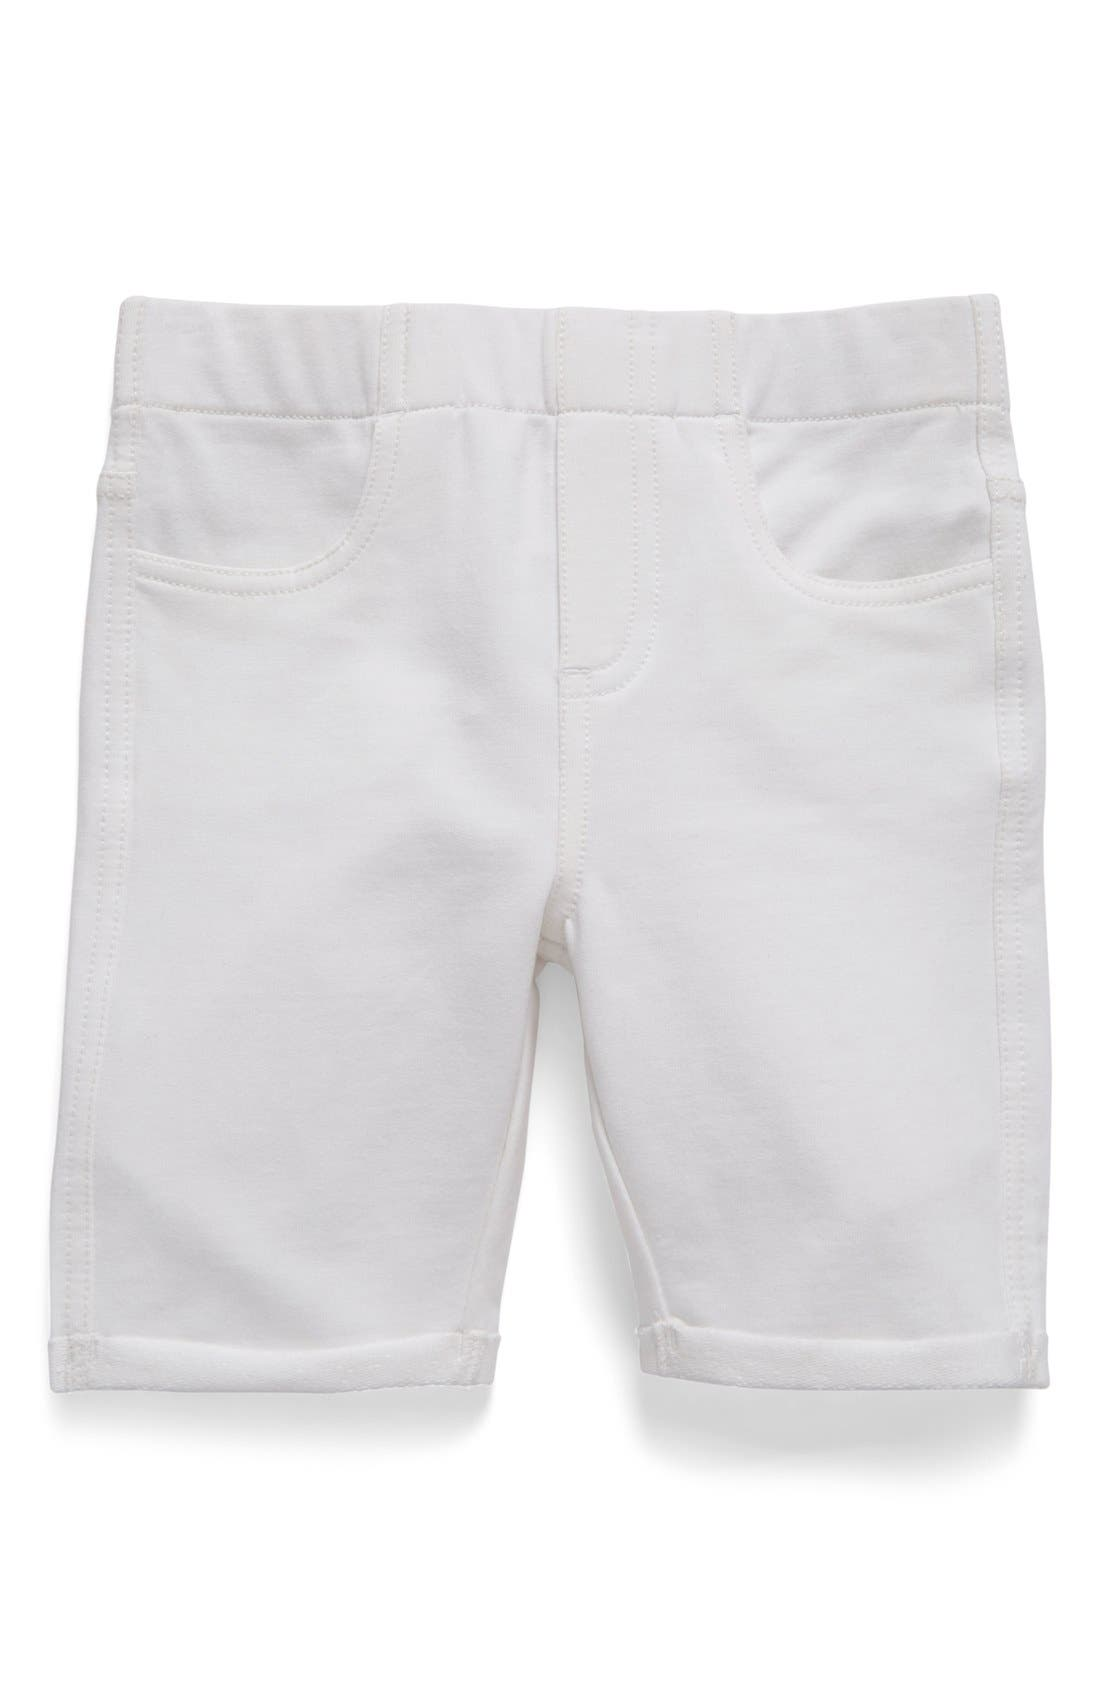 'Jenna' Jegging Shorts,                             Main thumbnail 1, color,                             WHITE